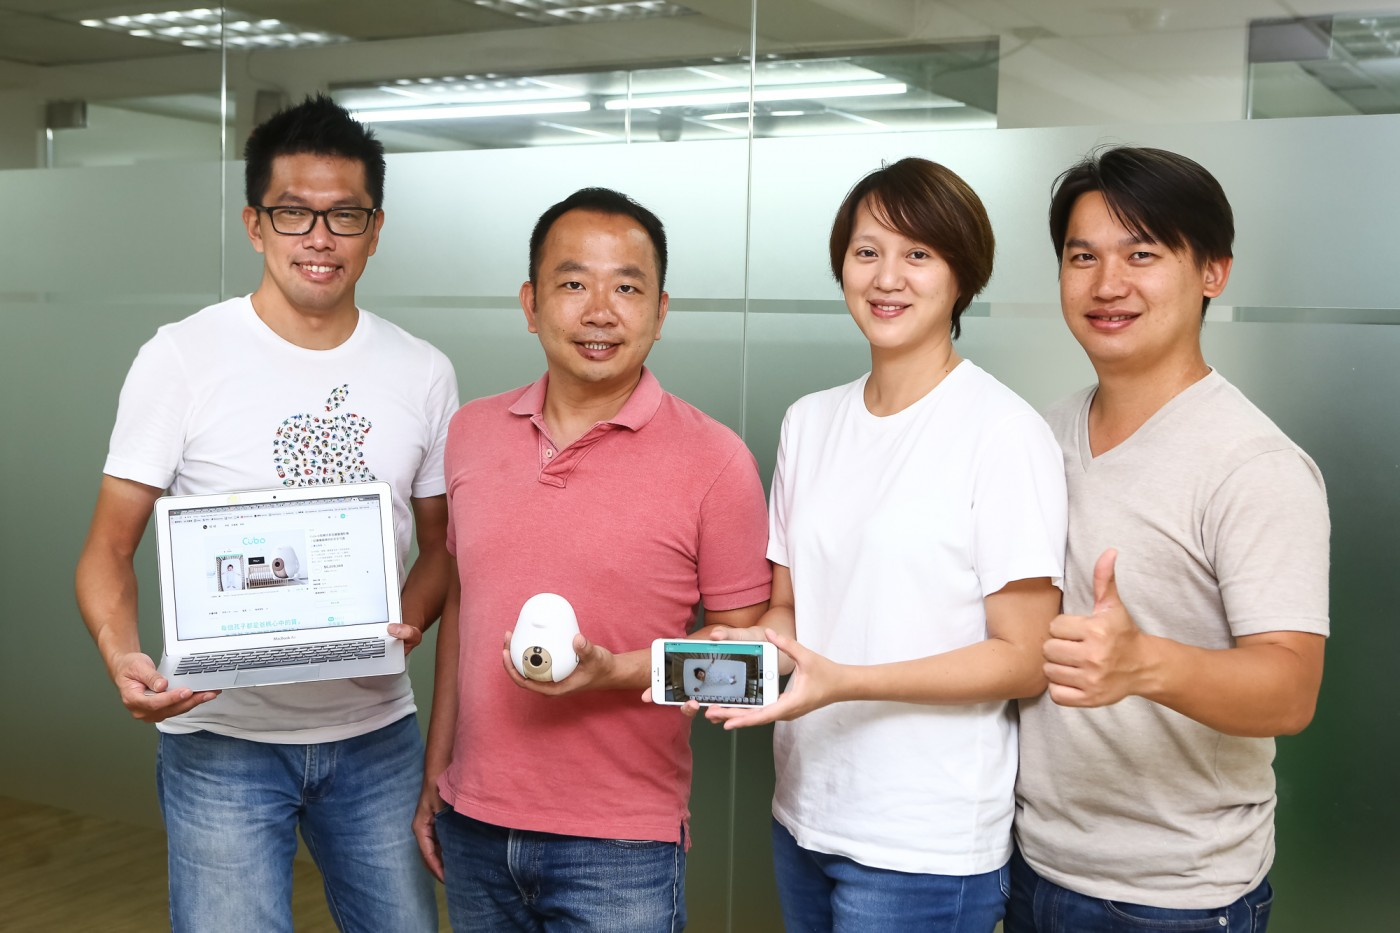 協助新手爸媽的嬰兒照顧好幫手!結合AI技術打造的Cubo智慧寶寶成長攝影機